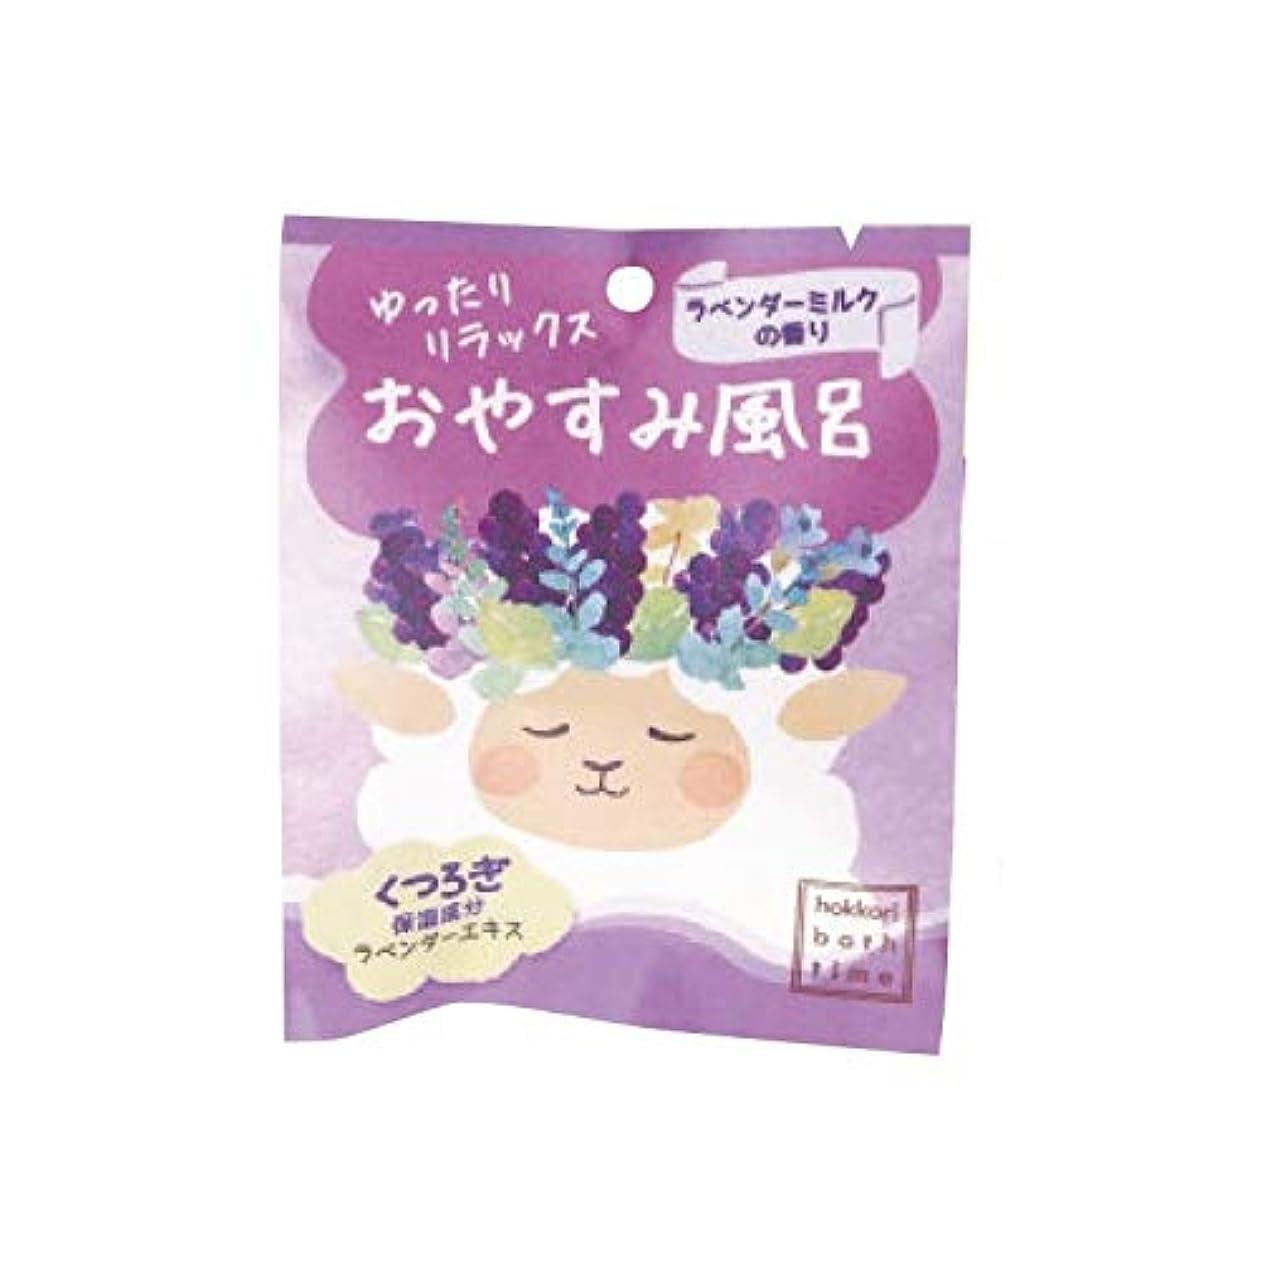 上耐久相対サイズほっこりバスタイム おやすみ風呂 ラベンダーミルクの香り OB-HKR-1-3 ノルコーポレーション